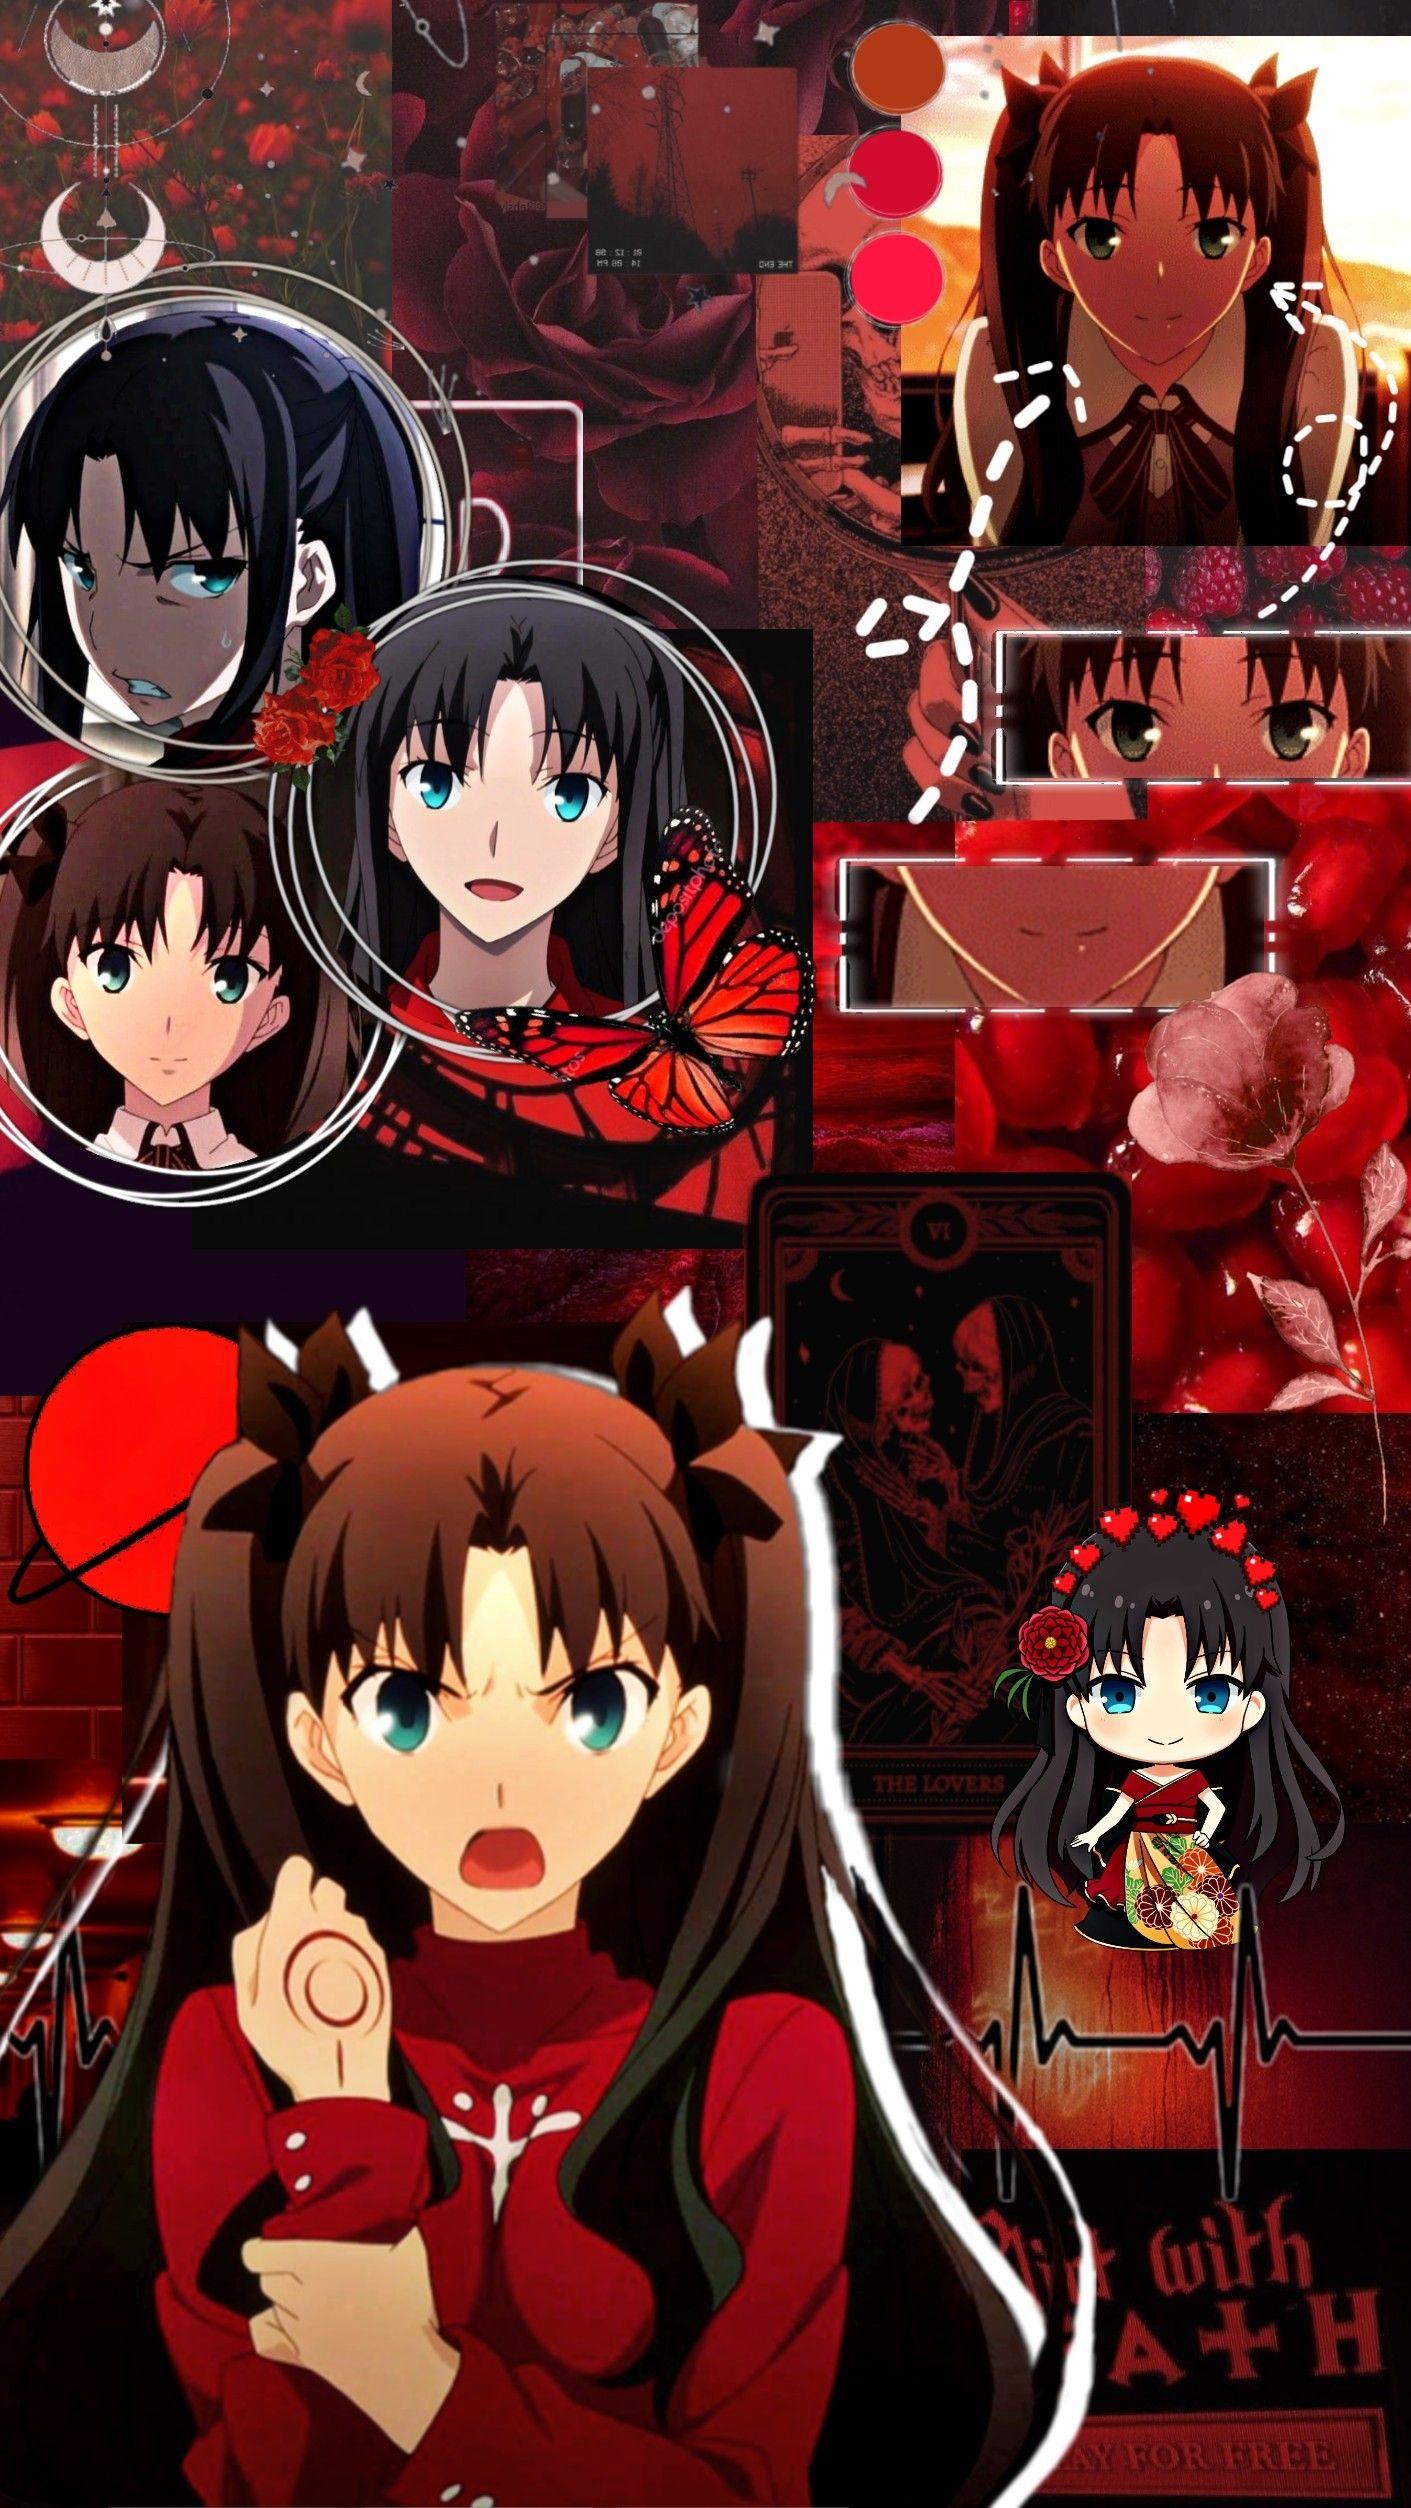 Rin Tohsaka Aesthetic Wallpaper Anime Aesthetic Wallpapers Anime Art